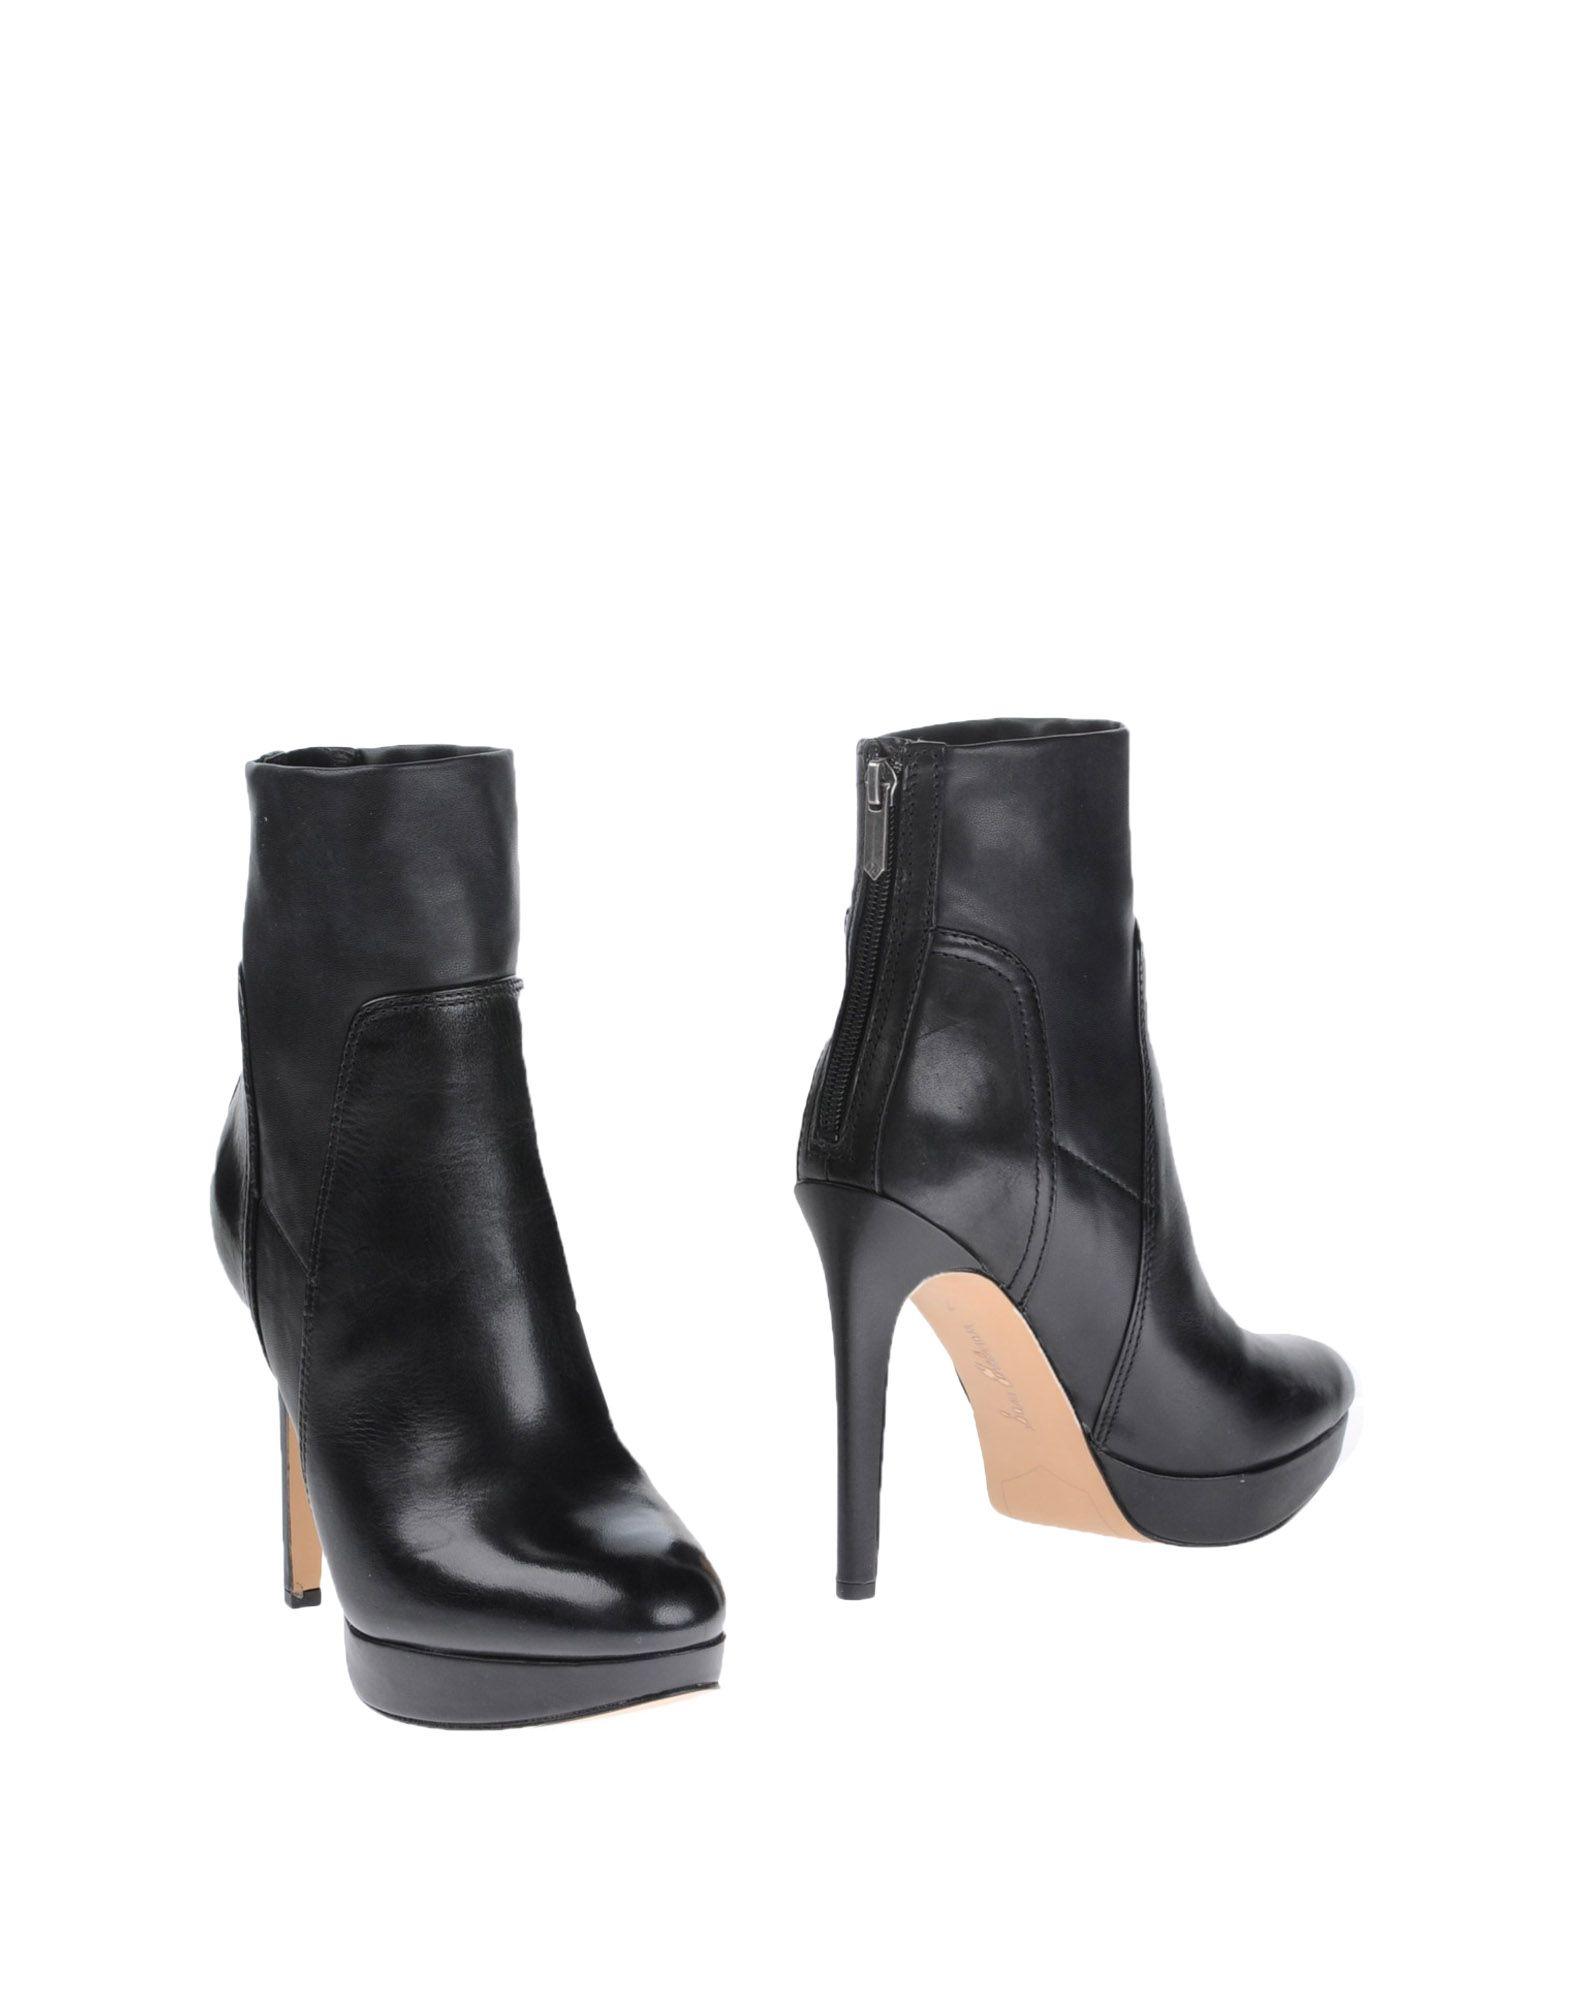 Gut Edelman um billige Schuhe zu tragenSam Edelman Gut Stiefelette Damen  11199731TQ 2b61d6